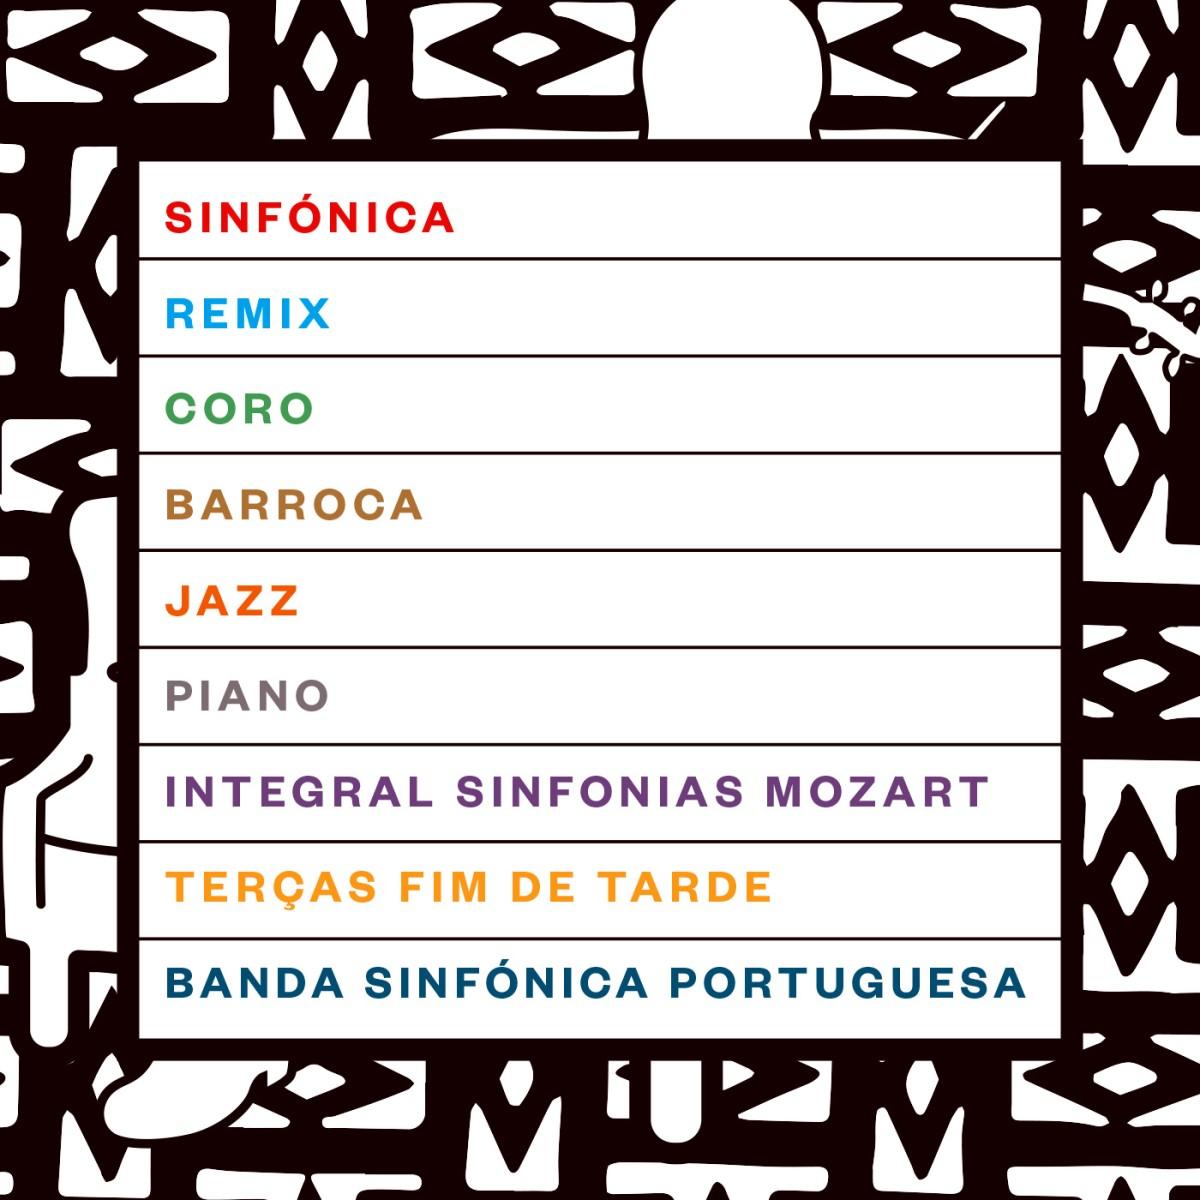 Casa da Música 2018 Image:6.3